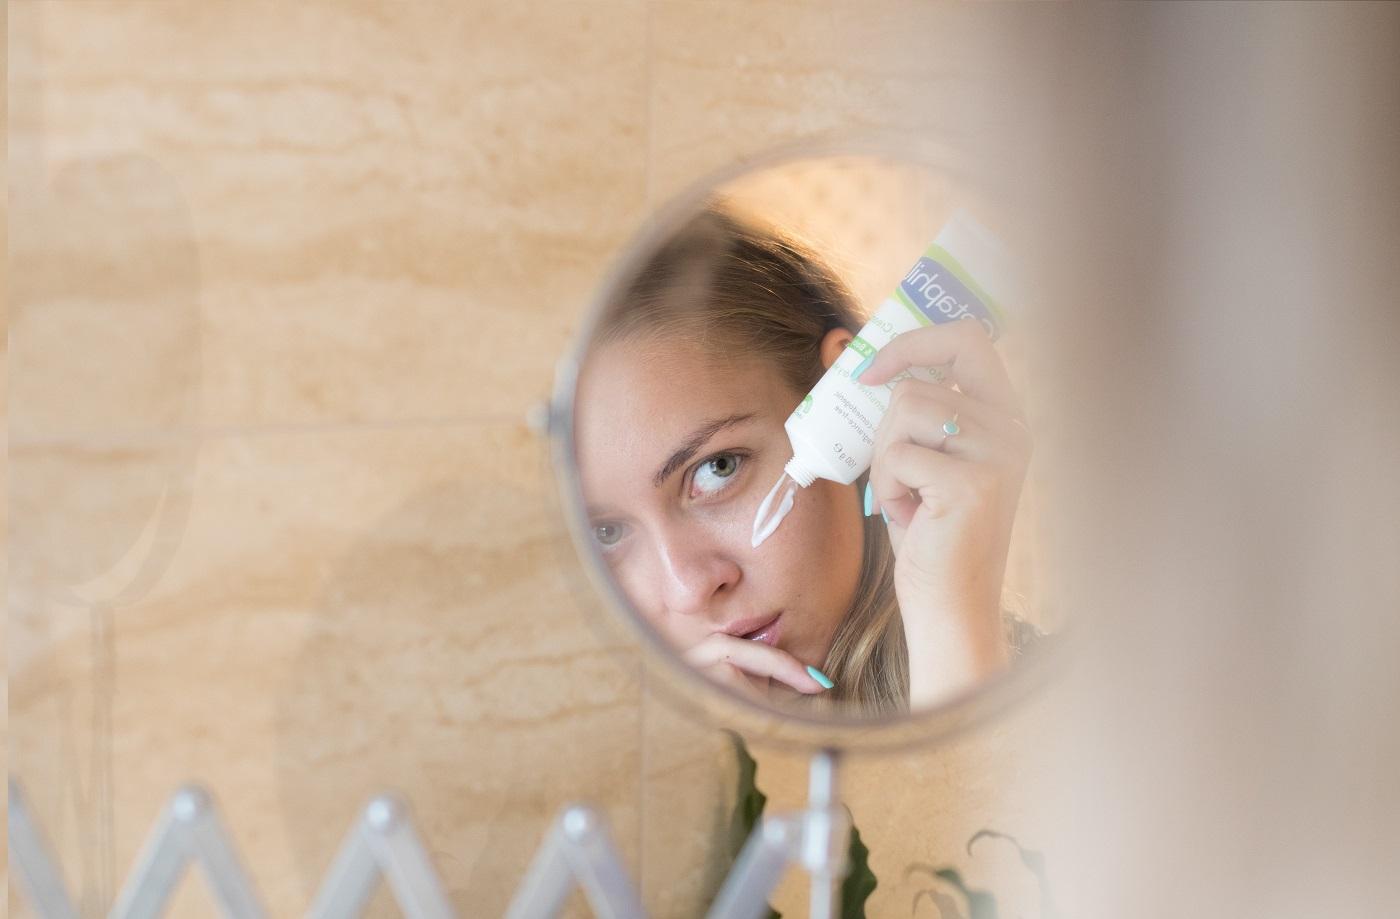 Rüh kezelés népi jogorvoslatok - Pikkelysömör November